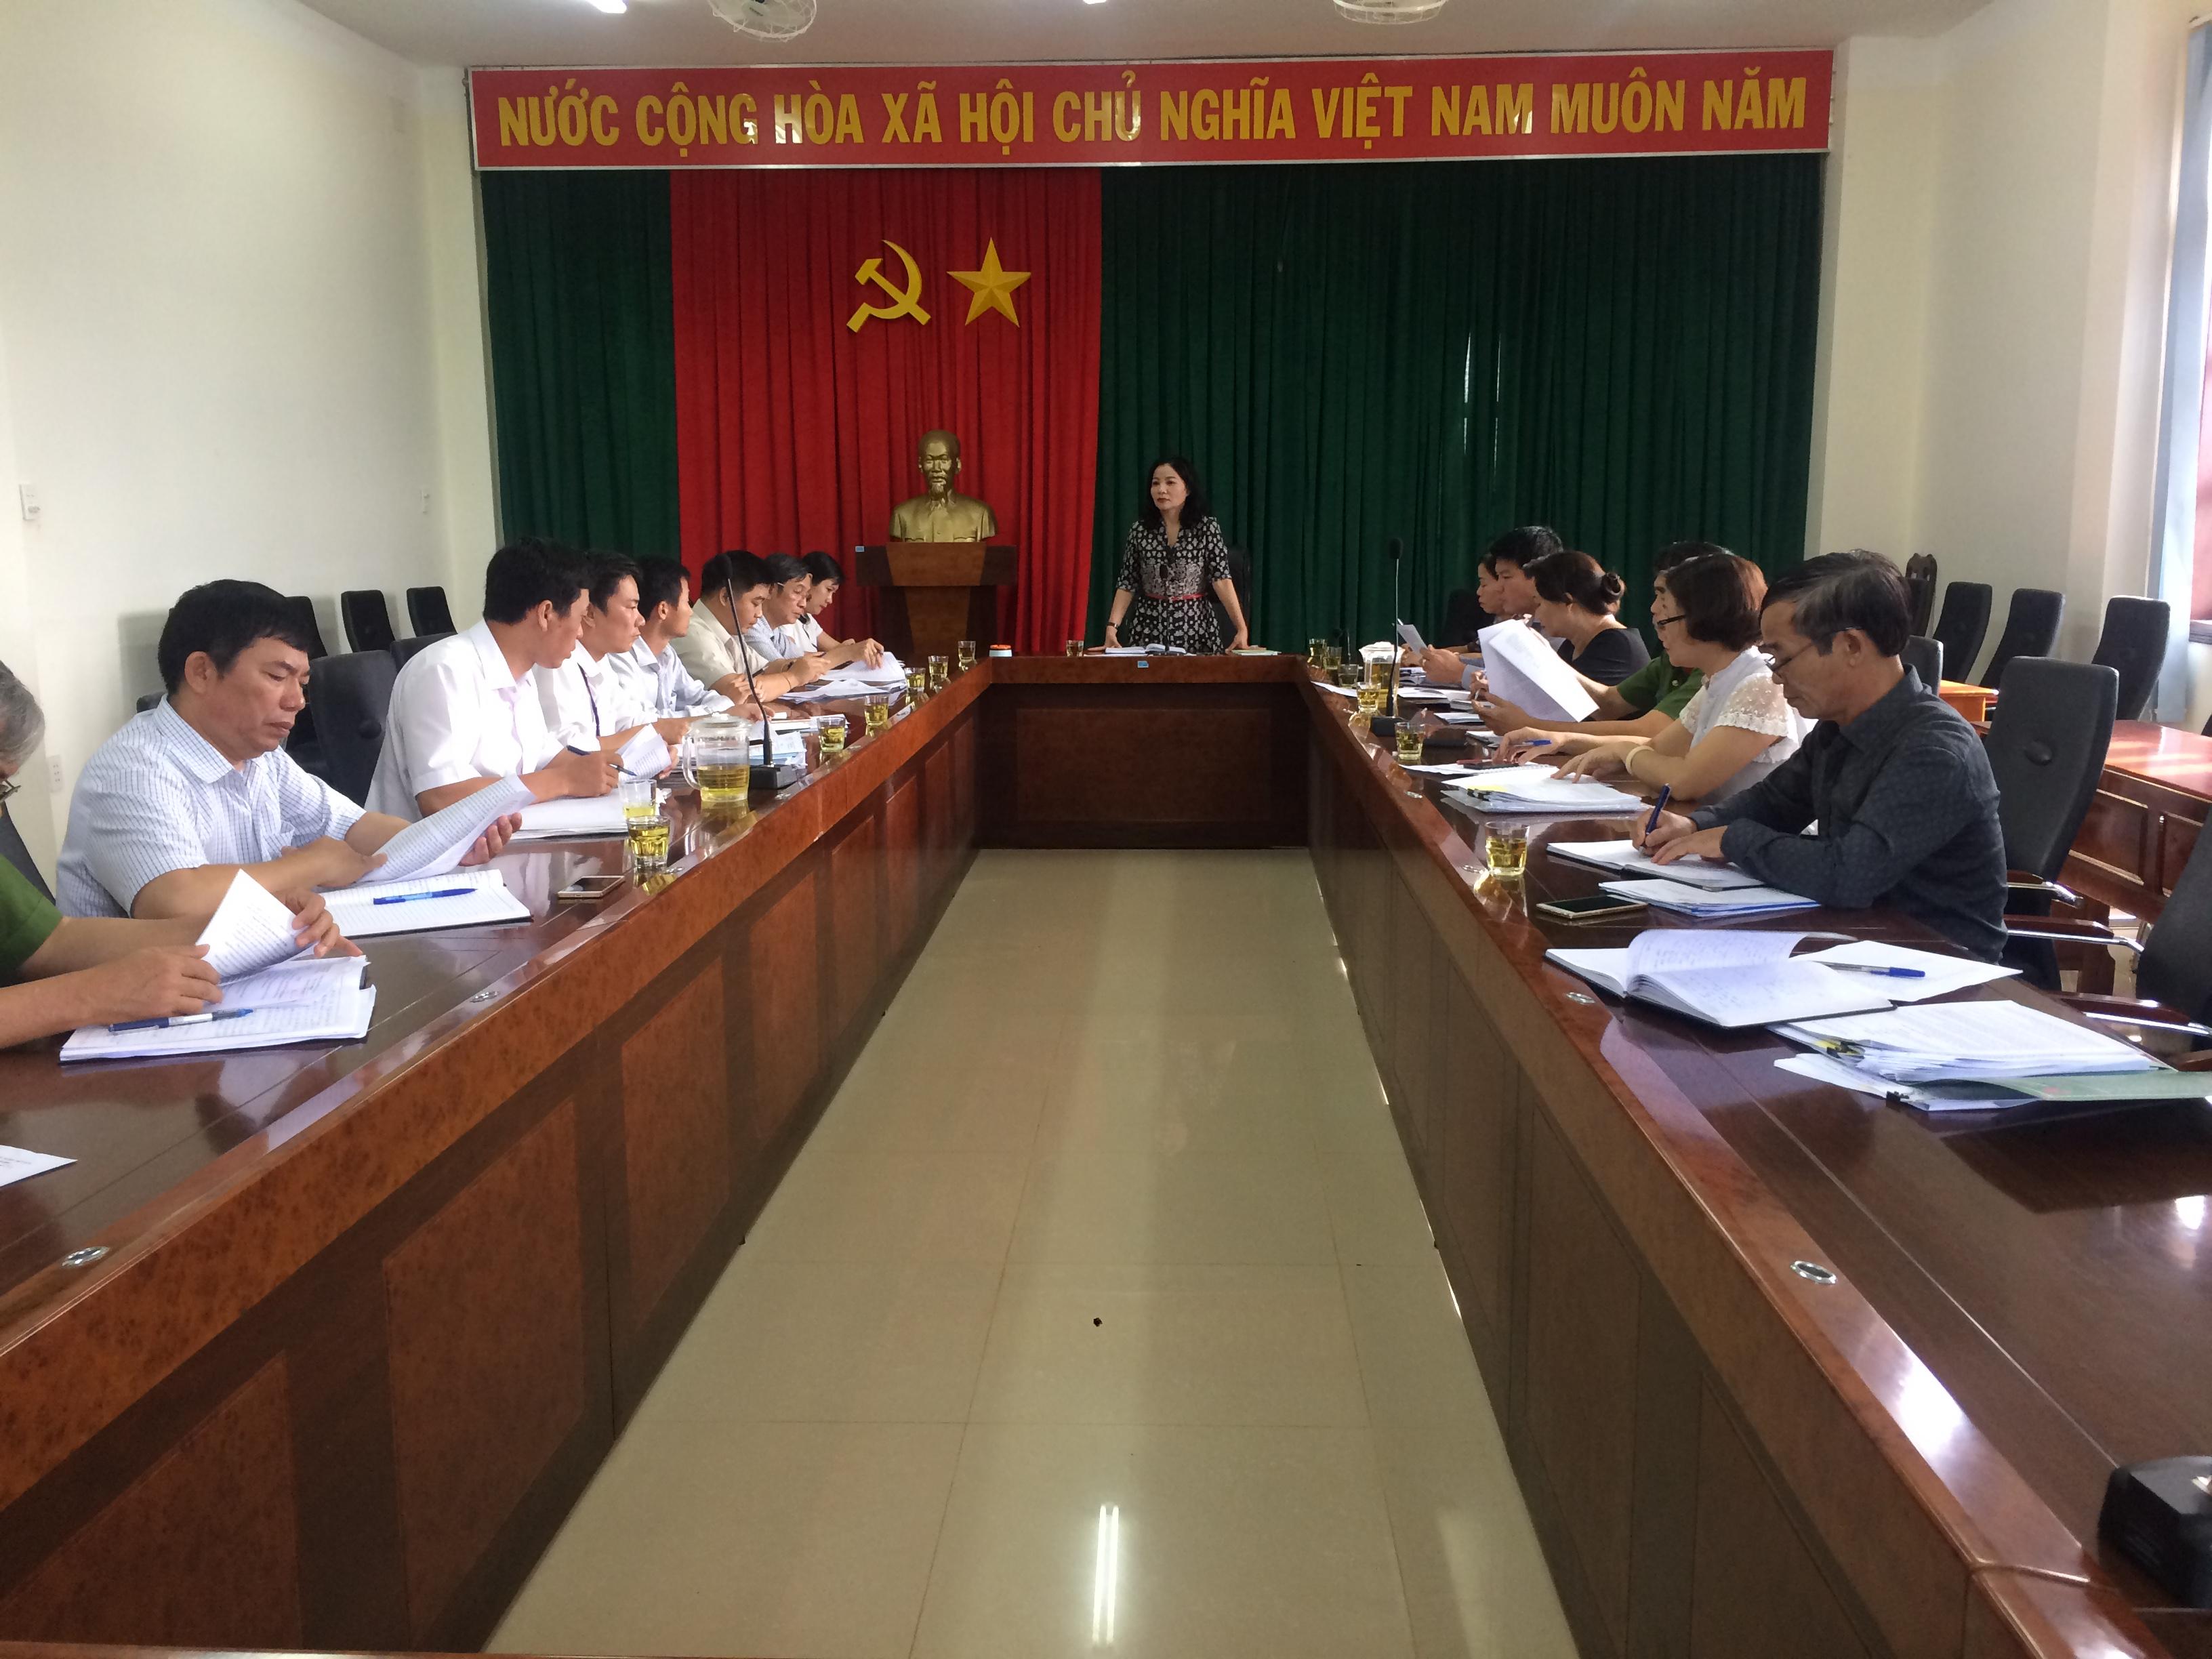 Hội Liên hiệp Phụ nữ tỉnh giám sát việc thực hiện Luật phòng, chống bạo lực gia đình giai đoạn từ tháng 1/2016 đến nay trên địa bàn tỉnh